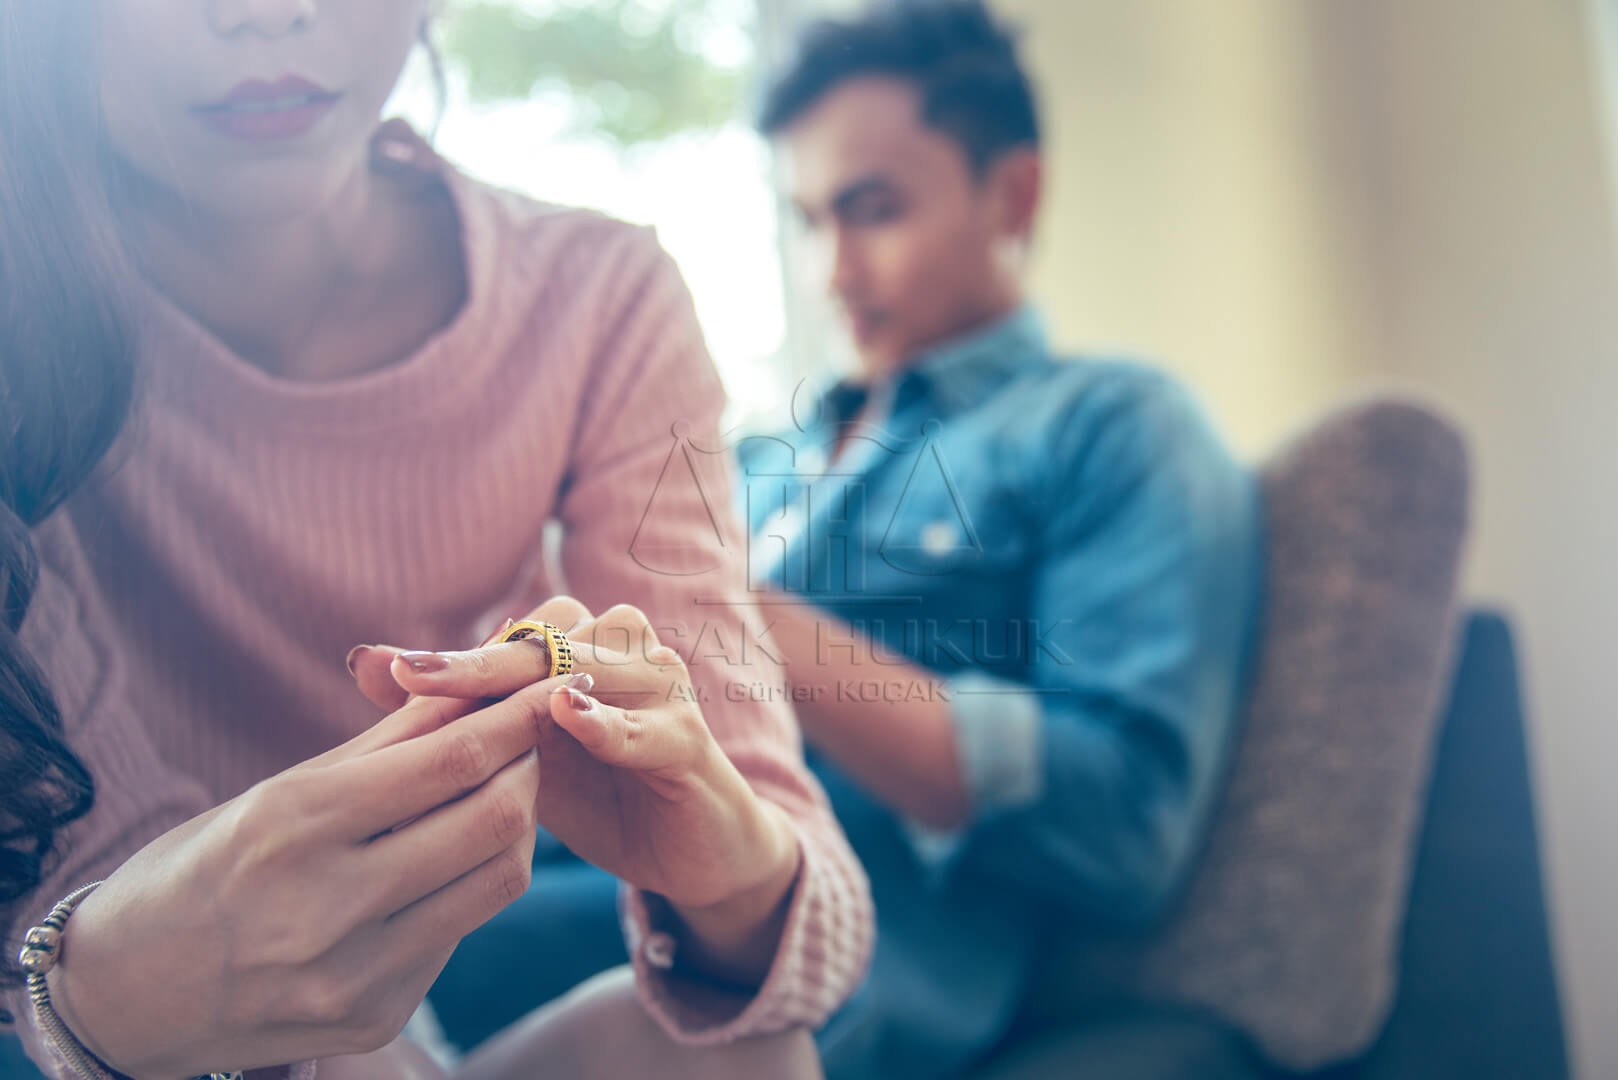 Koçak Hukuk | Boşanma Sebepleri Nelerdir? Boşanma Davaları Kaça Ayrılır? Bunlar Nelerdir?